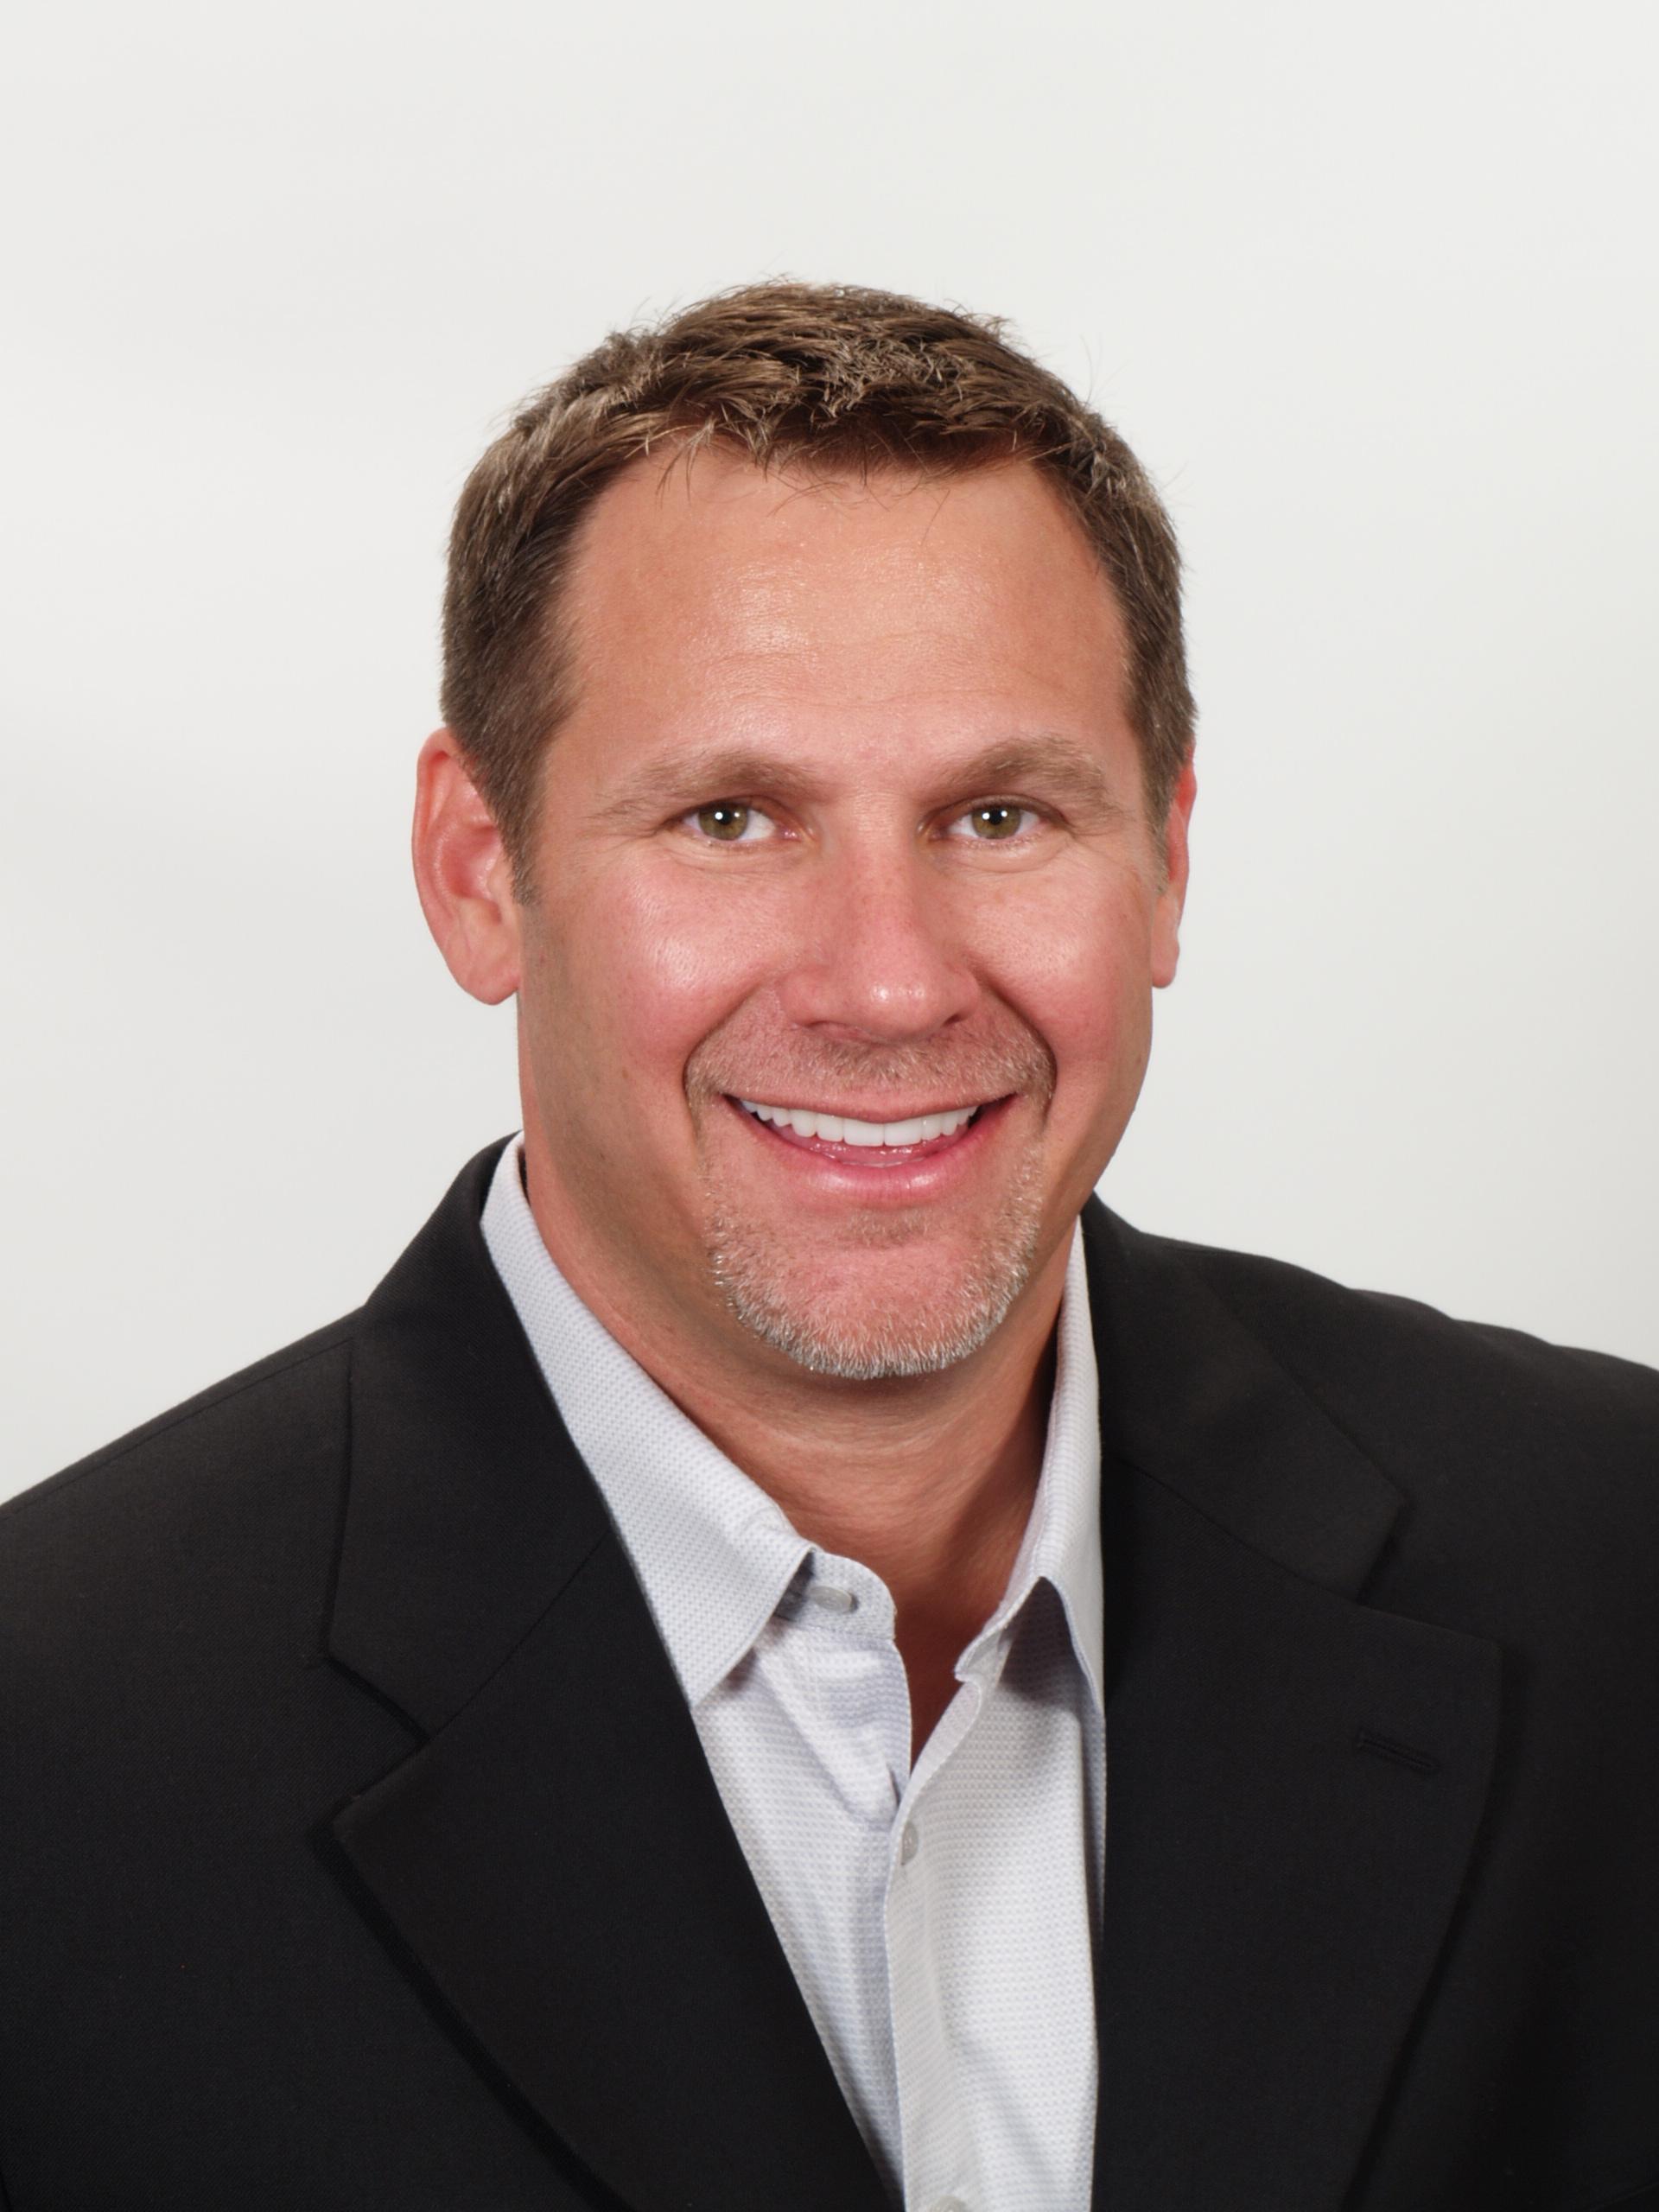 Scott Arnold, DDS